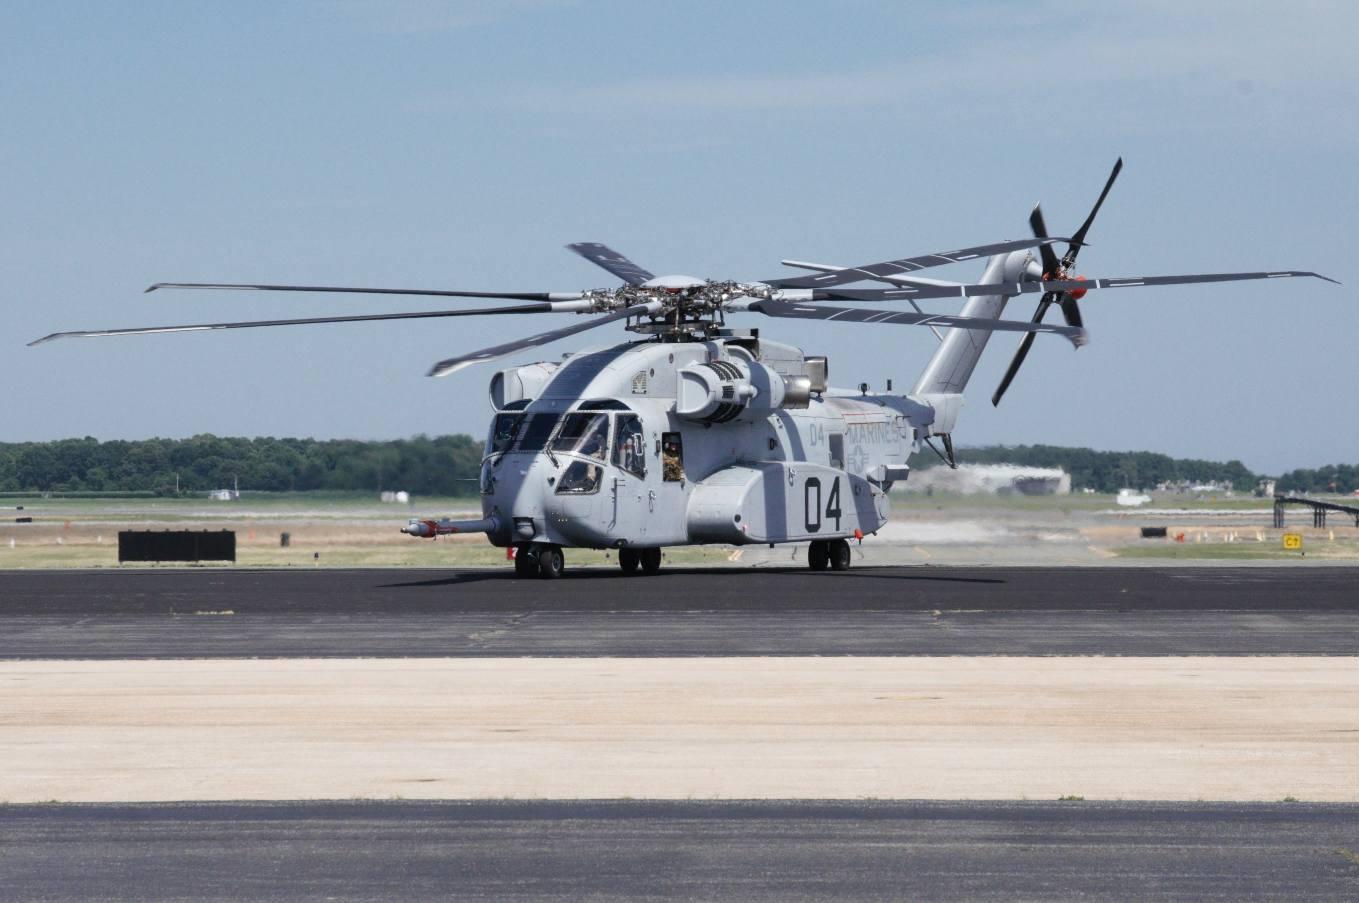 Le CH-53K réussi son premier vol en campagne